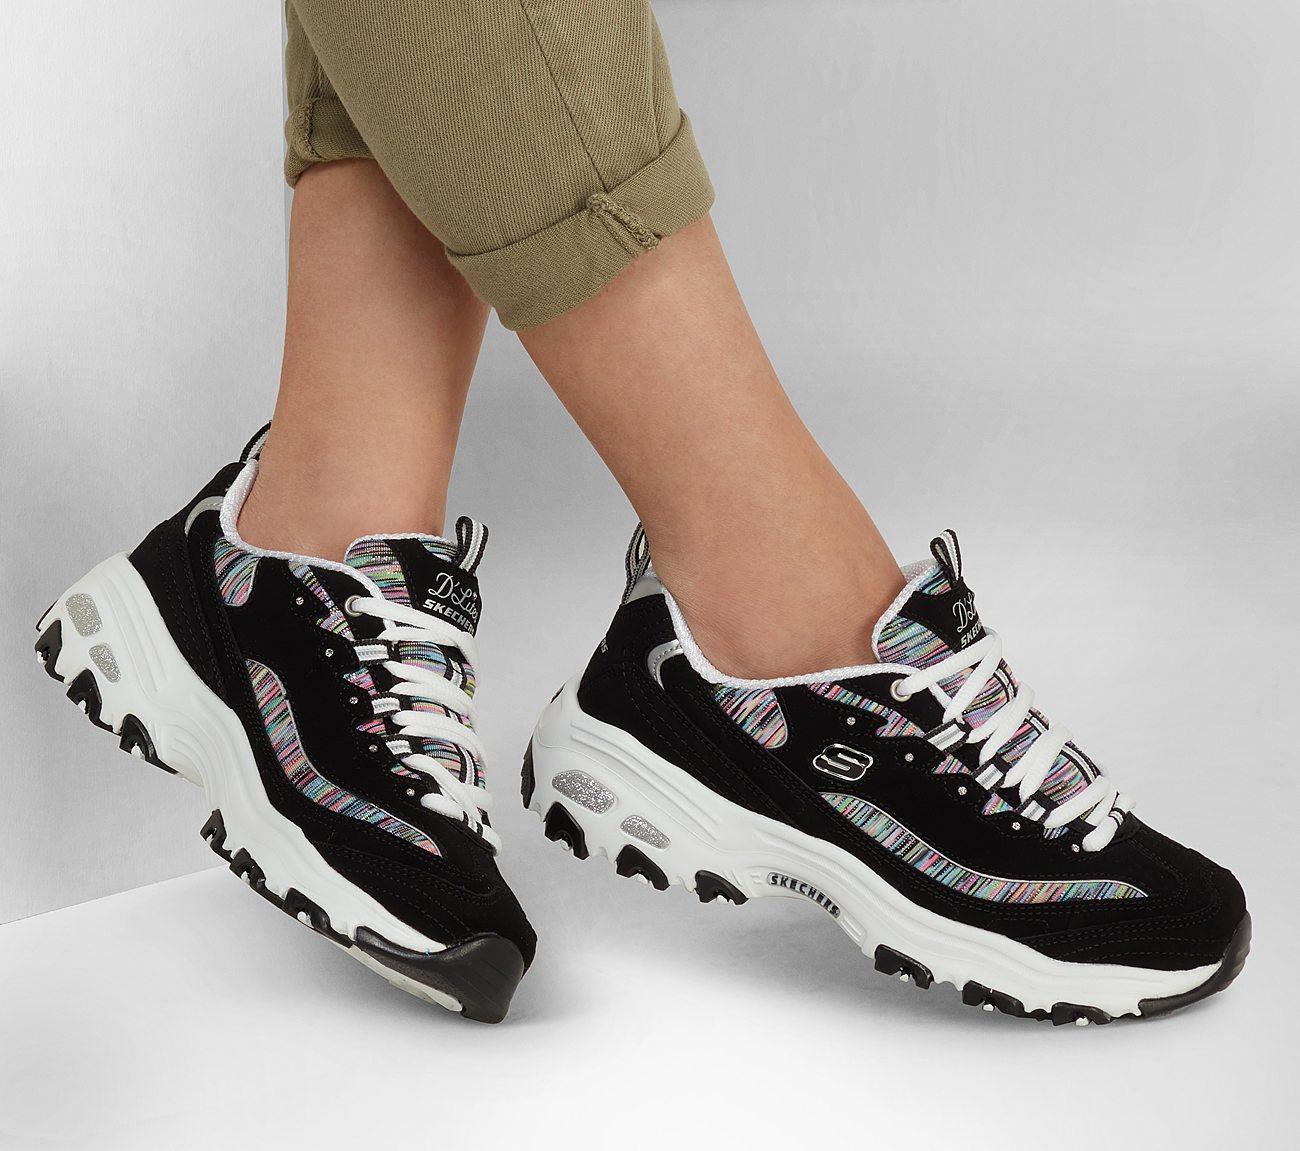 Black Multi Dlites Skechers Shoe Women Sporty Casual 11978 BKMT Memory Foam Soft